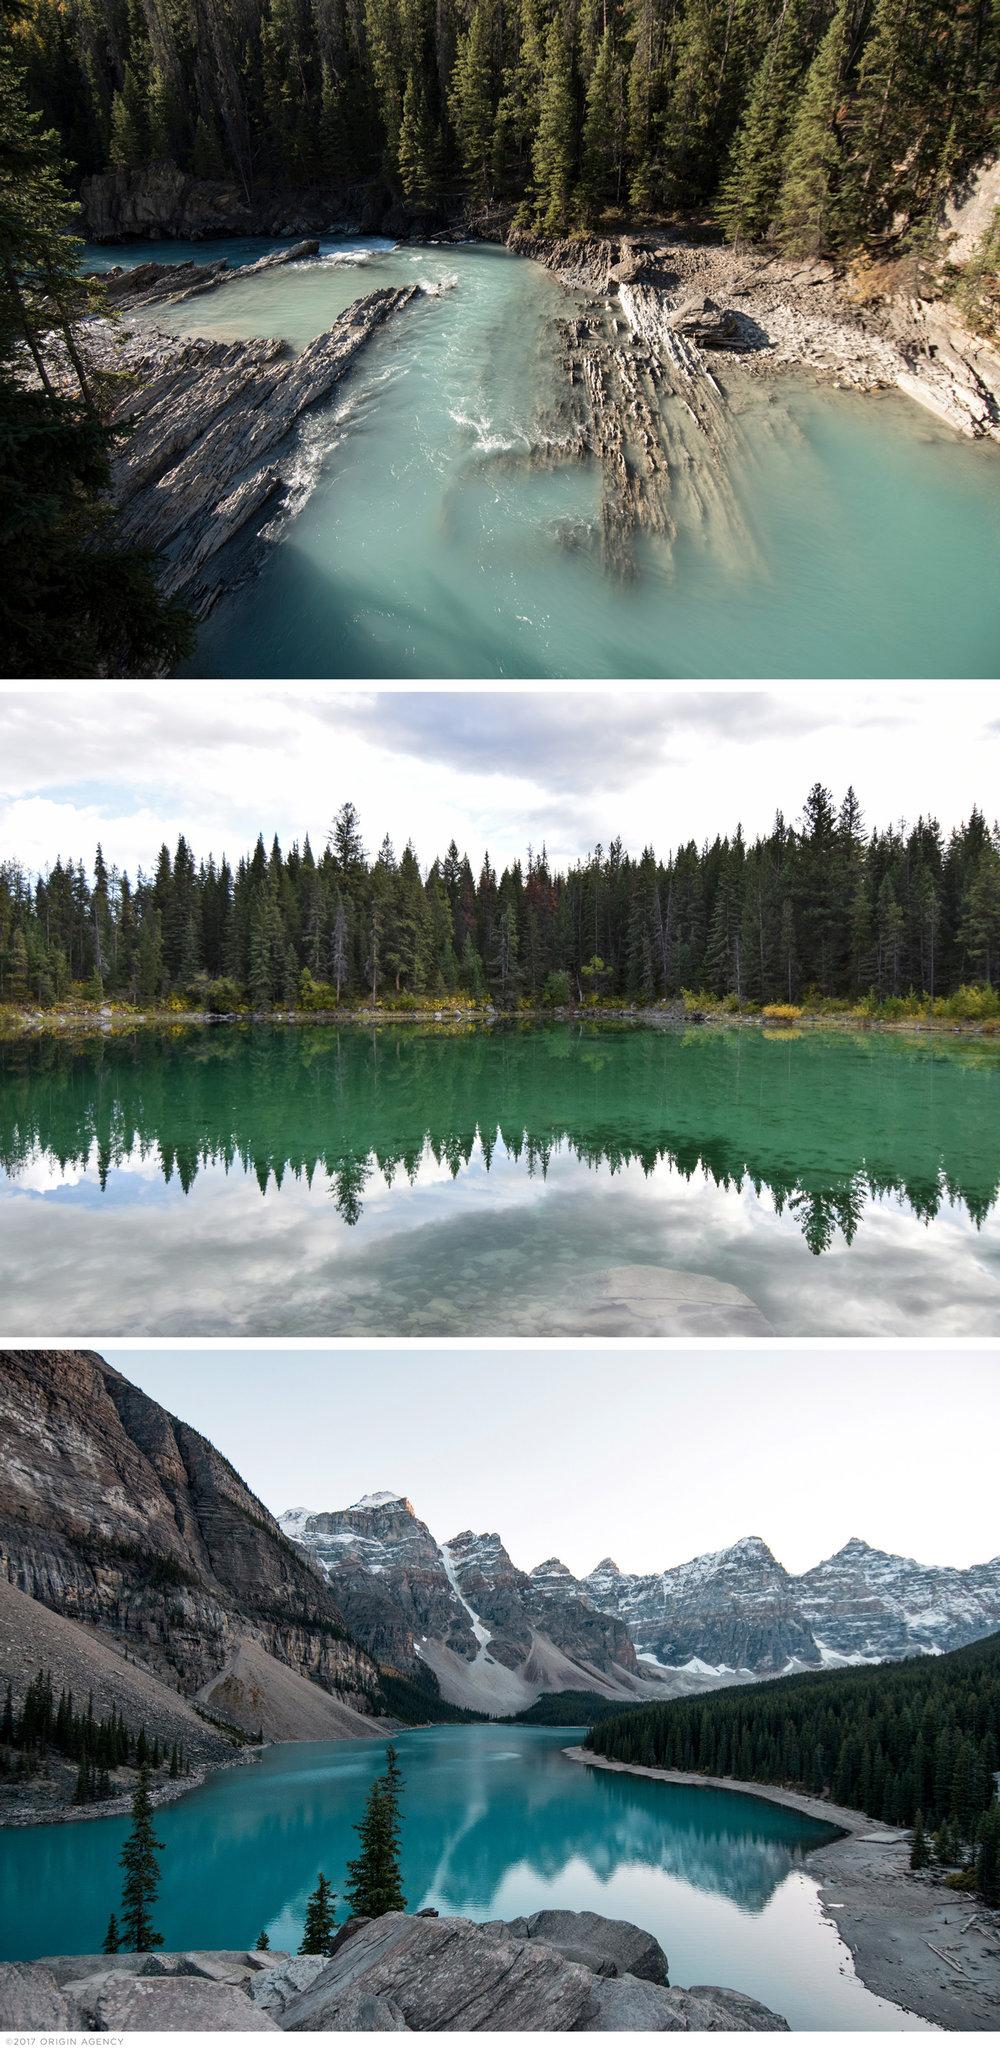 origin-agency-canada-lakes-streams.jpg